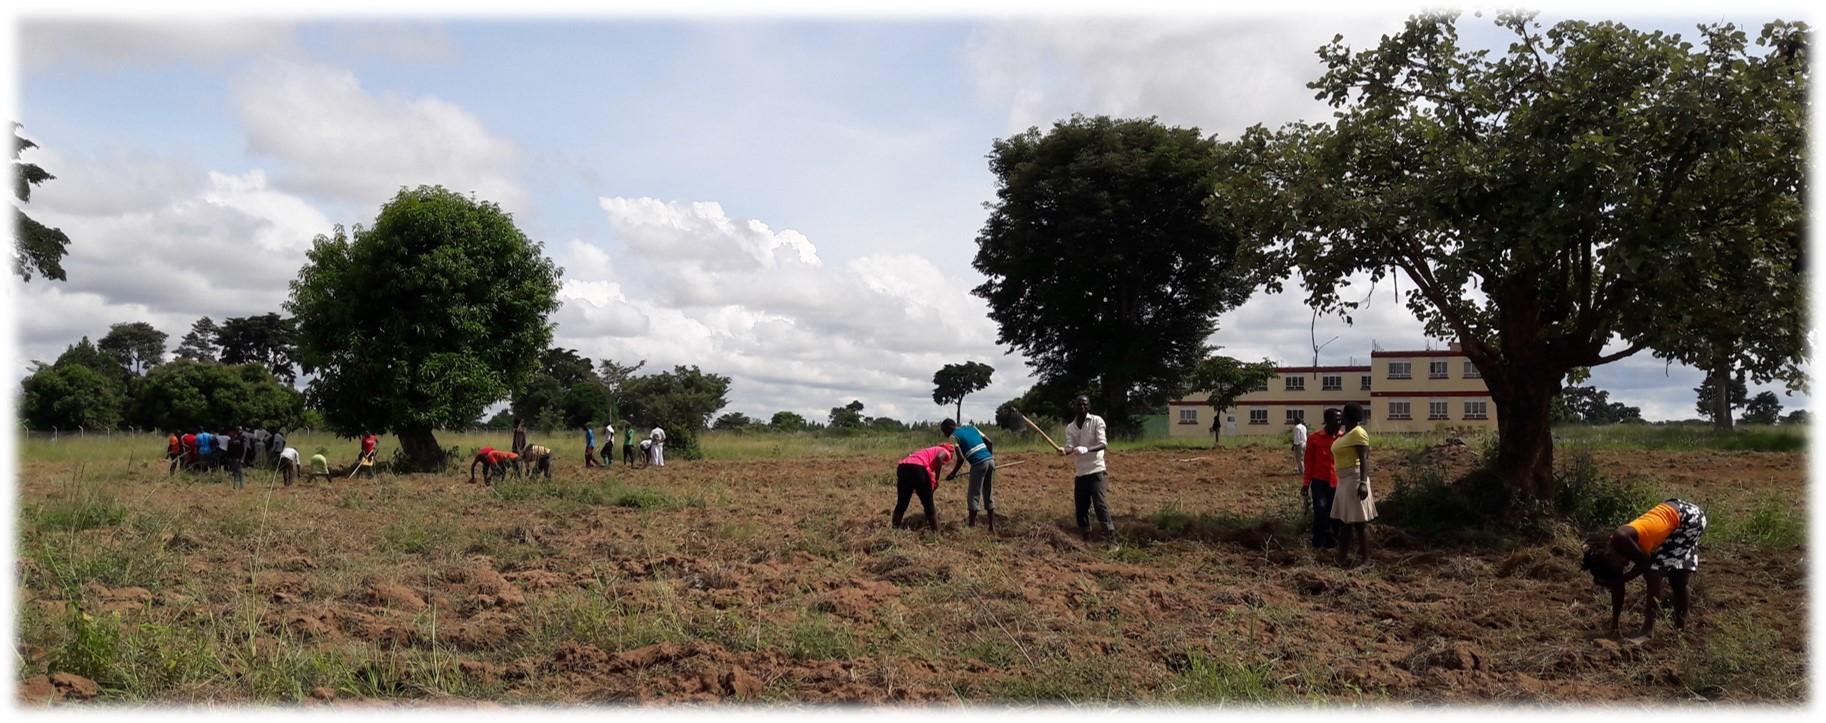 Demo Farm Preparation in progress